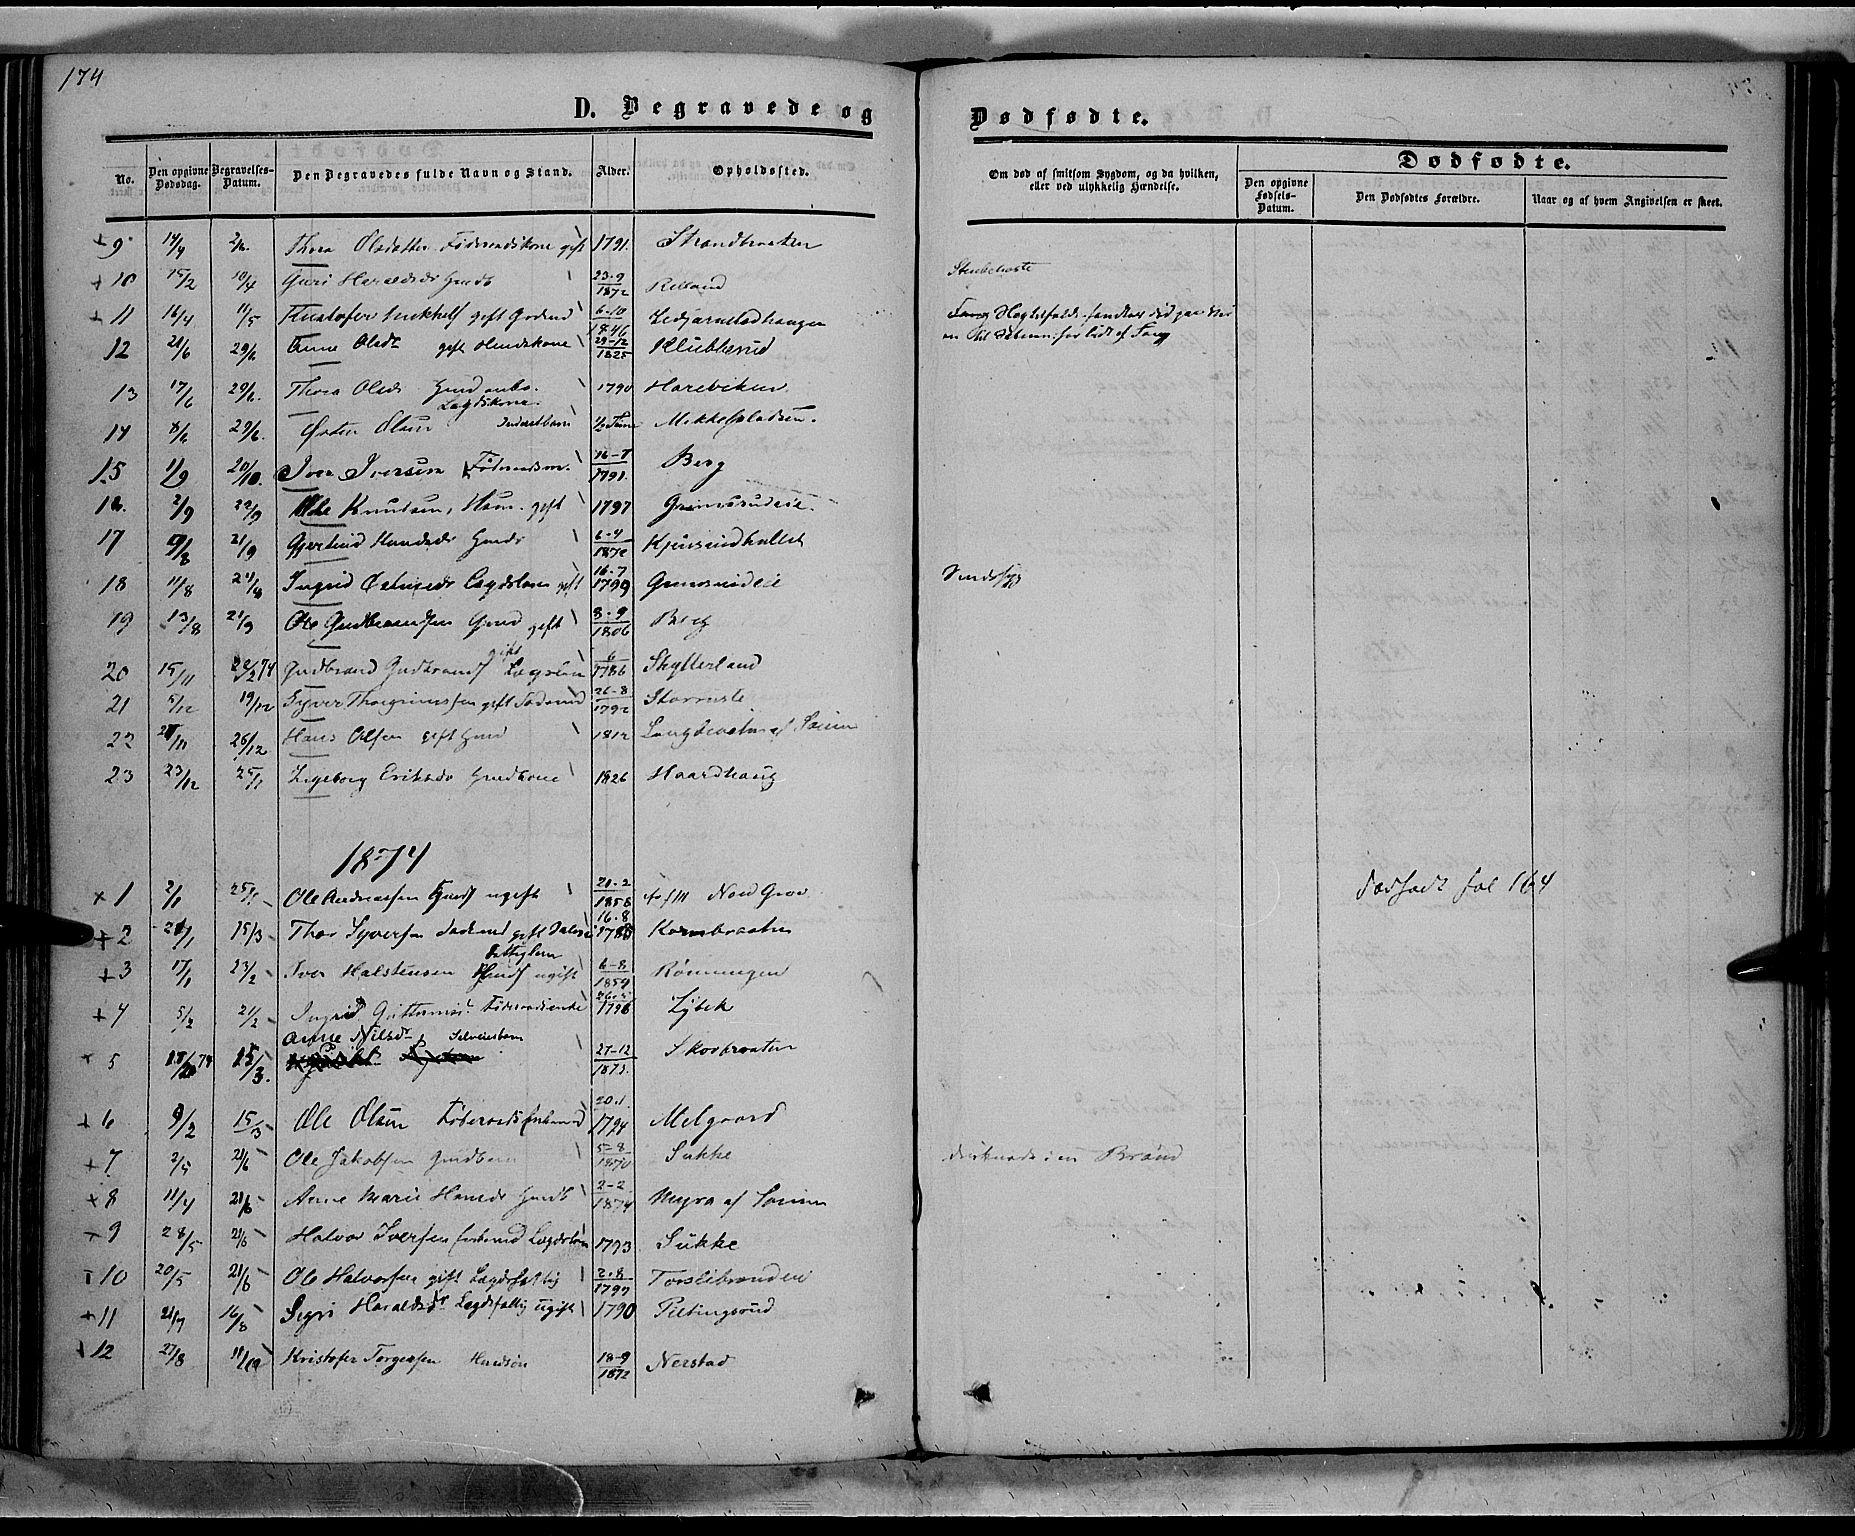 SAH, Sør-Aurdal prestekontor, Ministerialbok nr. 7, 1849-1876, s. 174